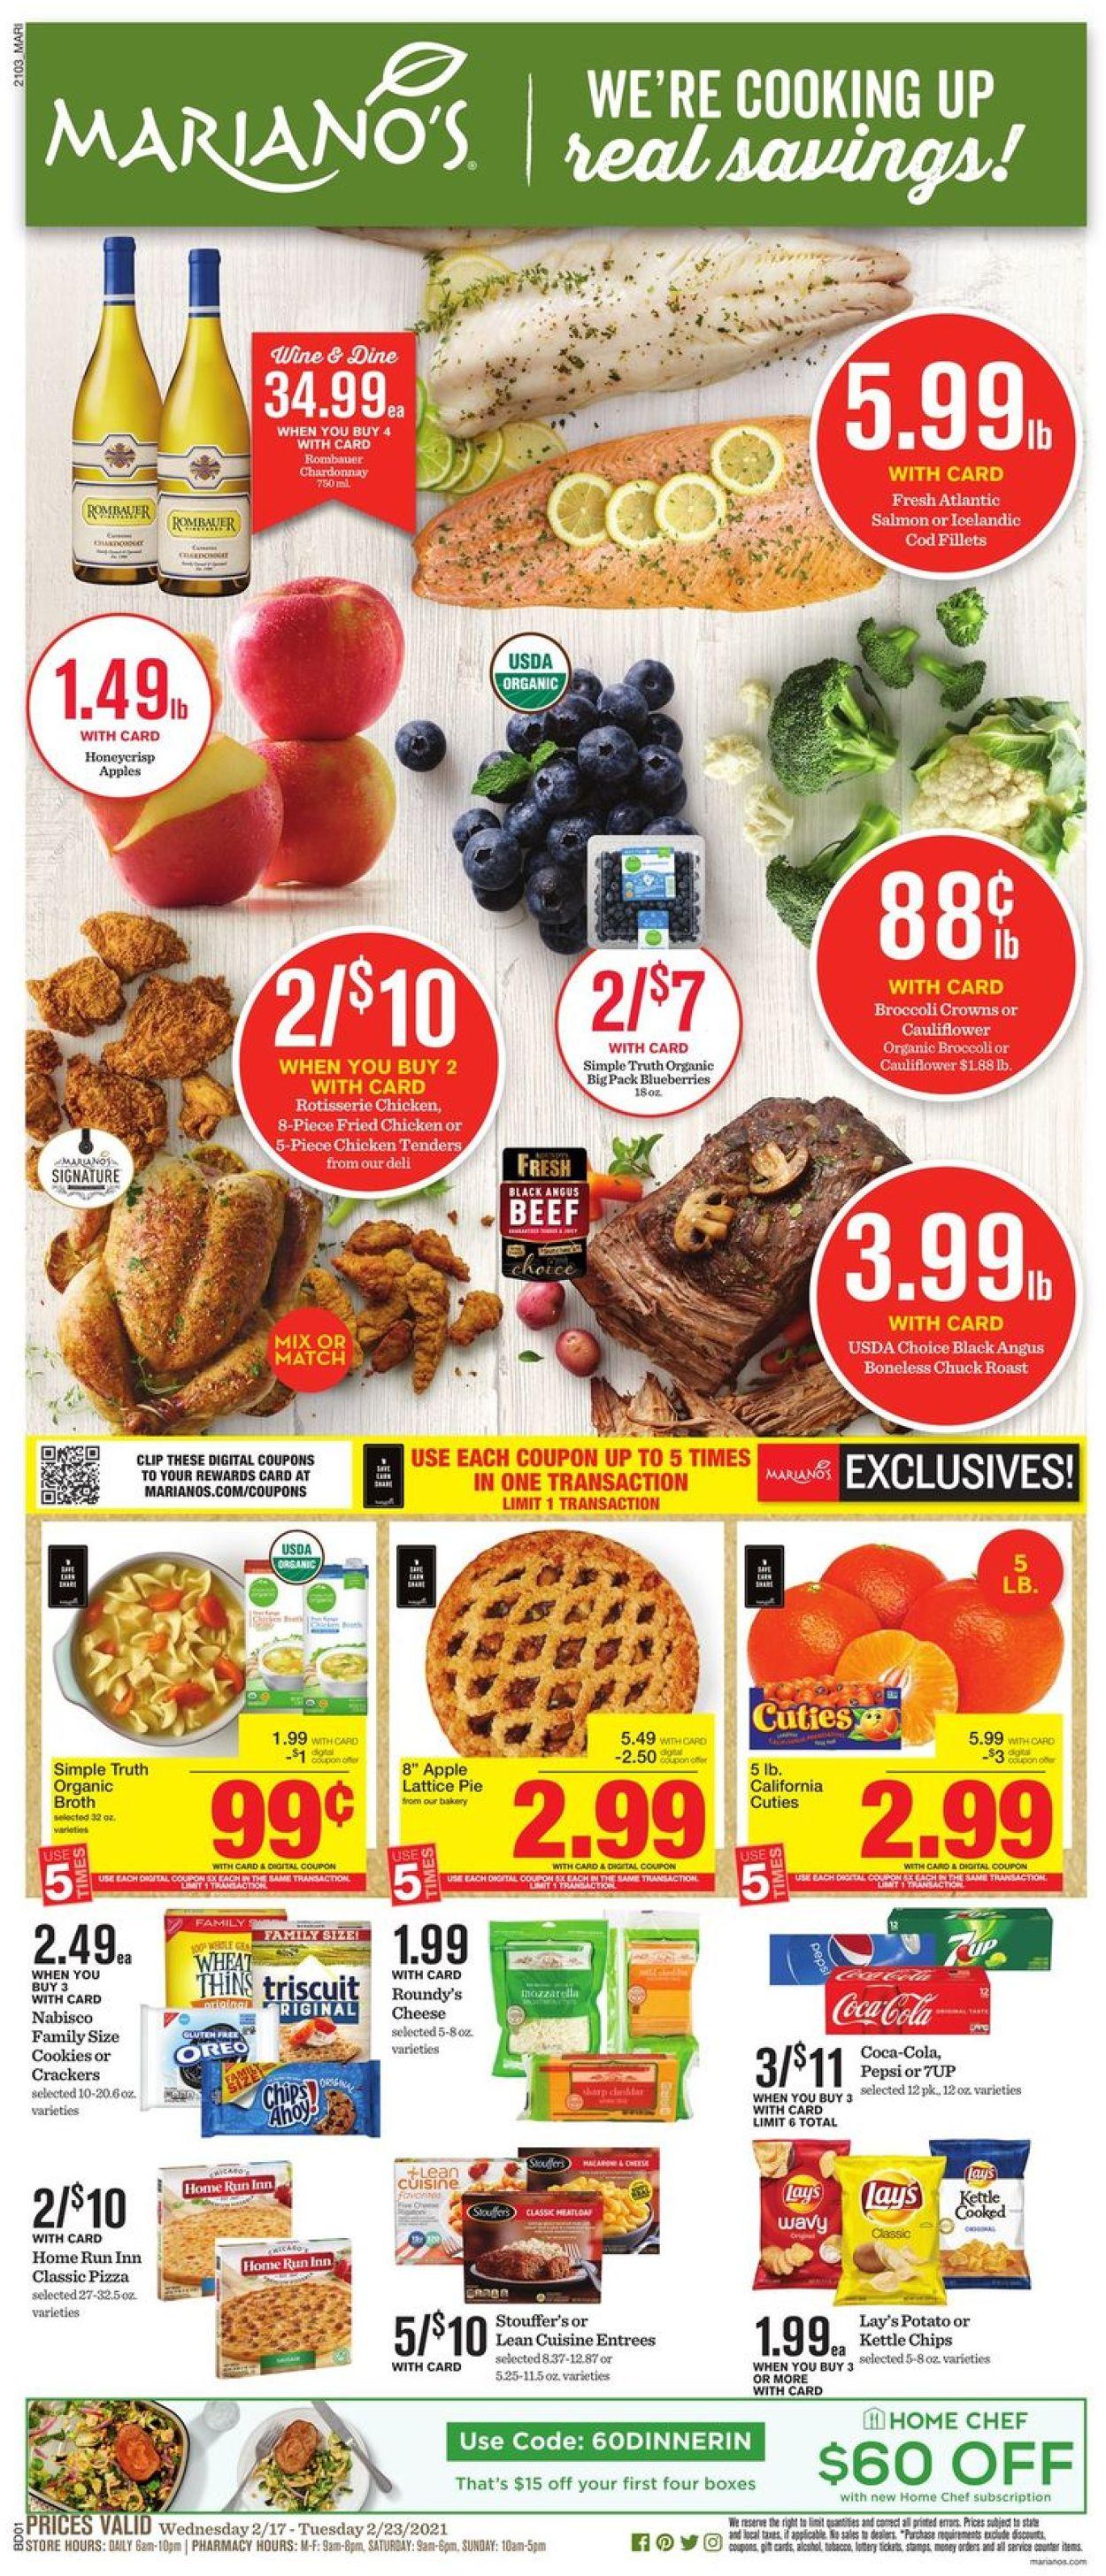 Mariano's Weekly Ad Circular - valid 02/17-02/23/2021